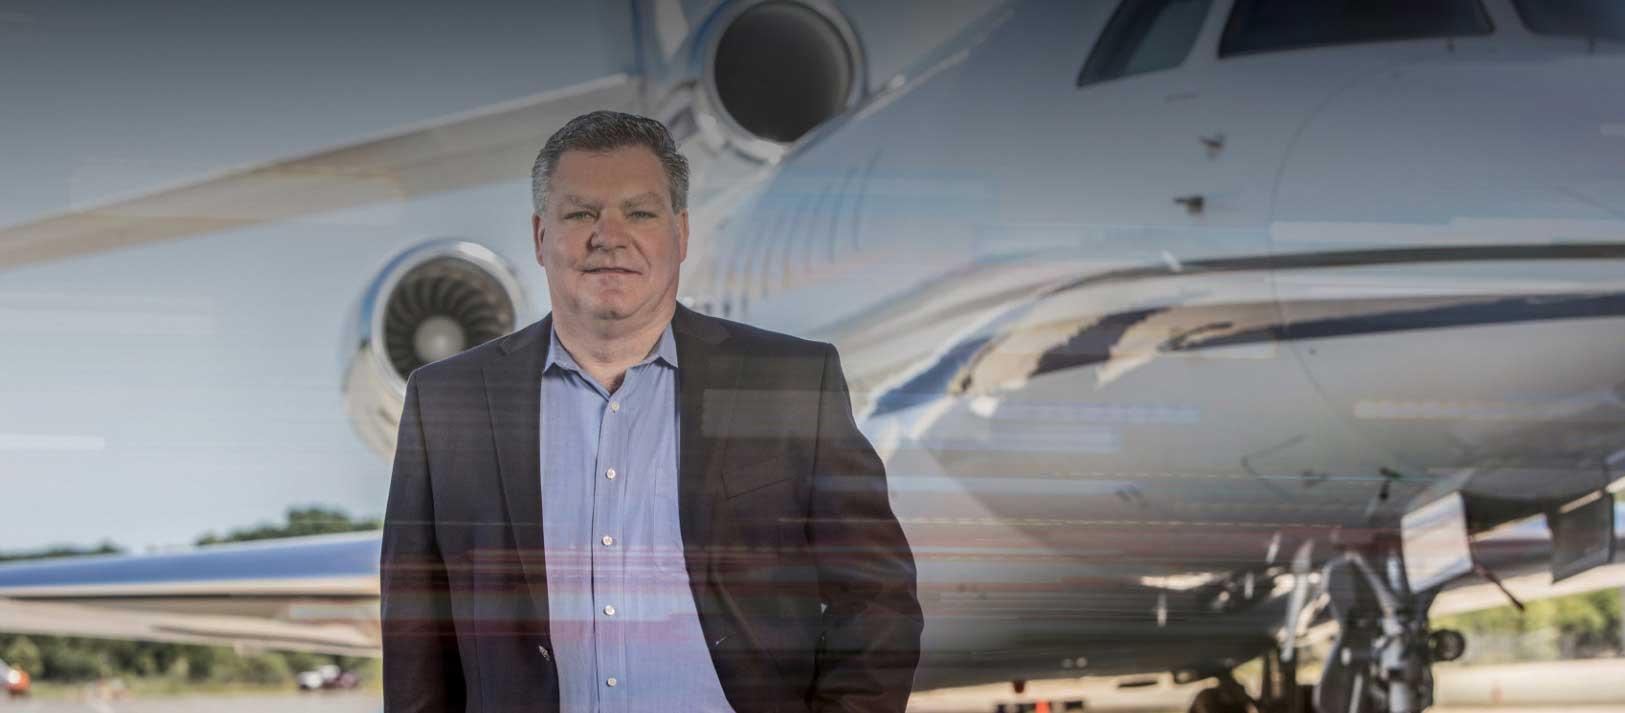 Jim Noonan • Senior Managing Director • Global Jet Capital